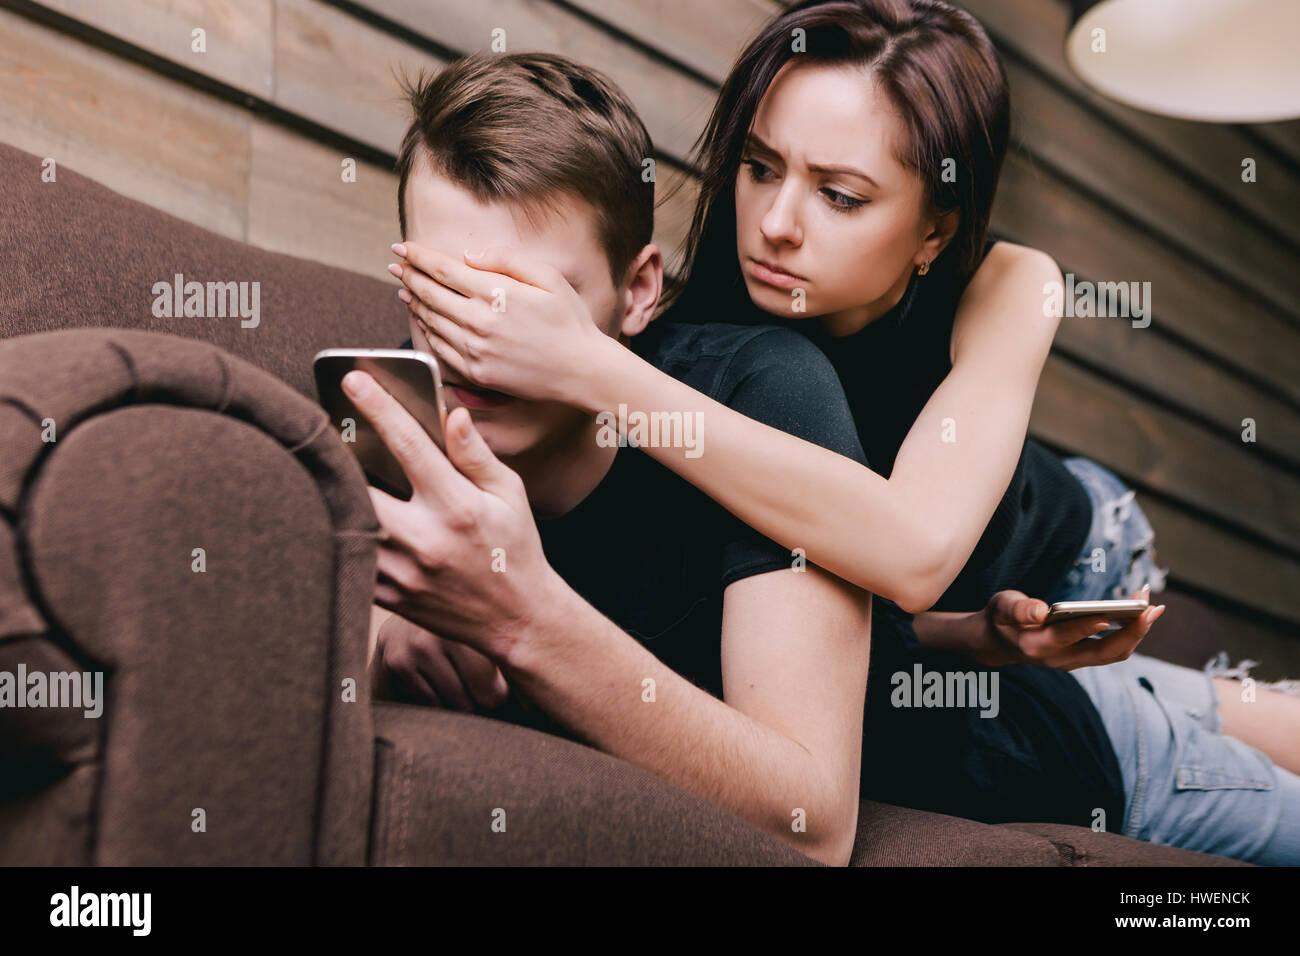 Schwarze Dating-Seiten online